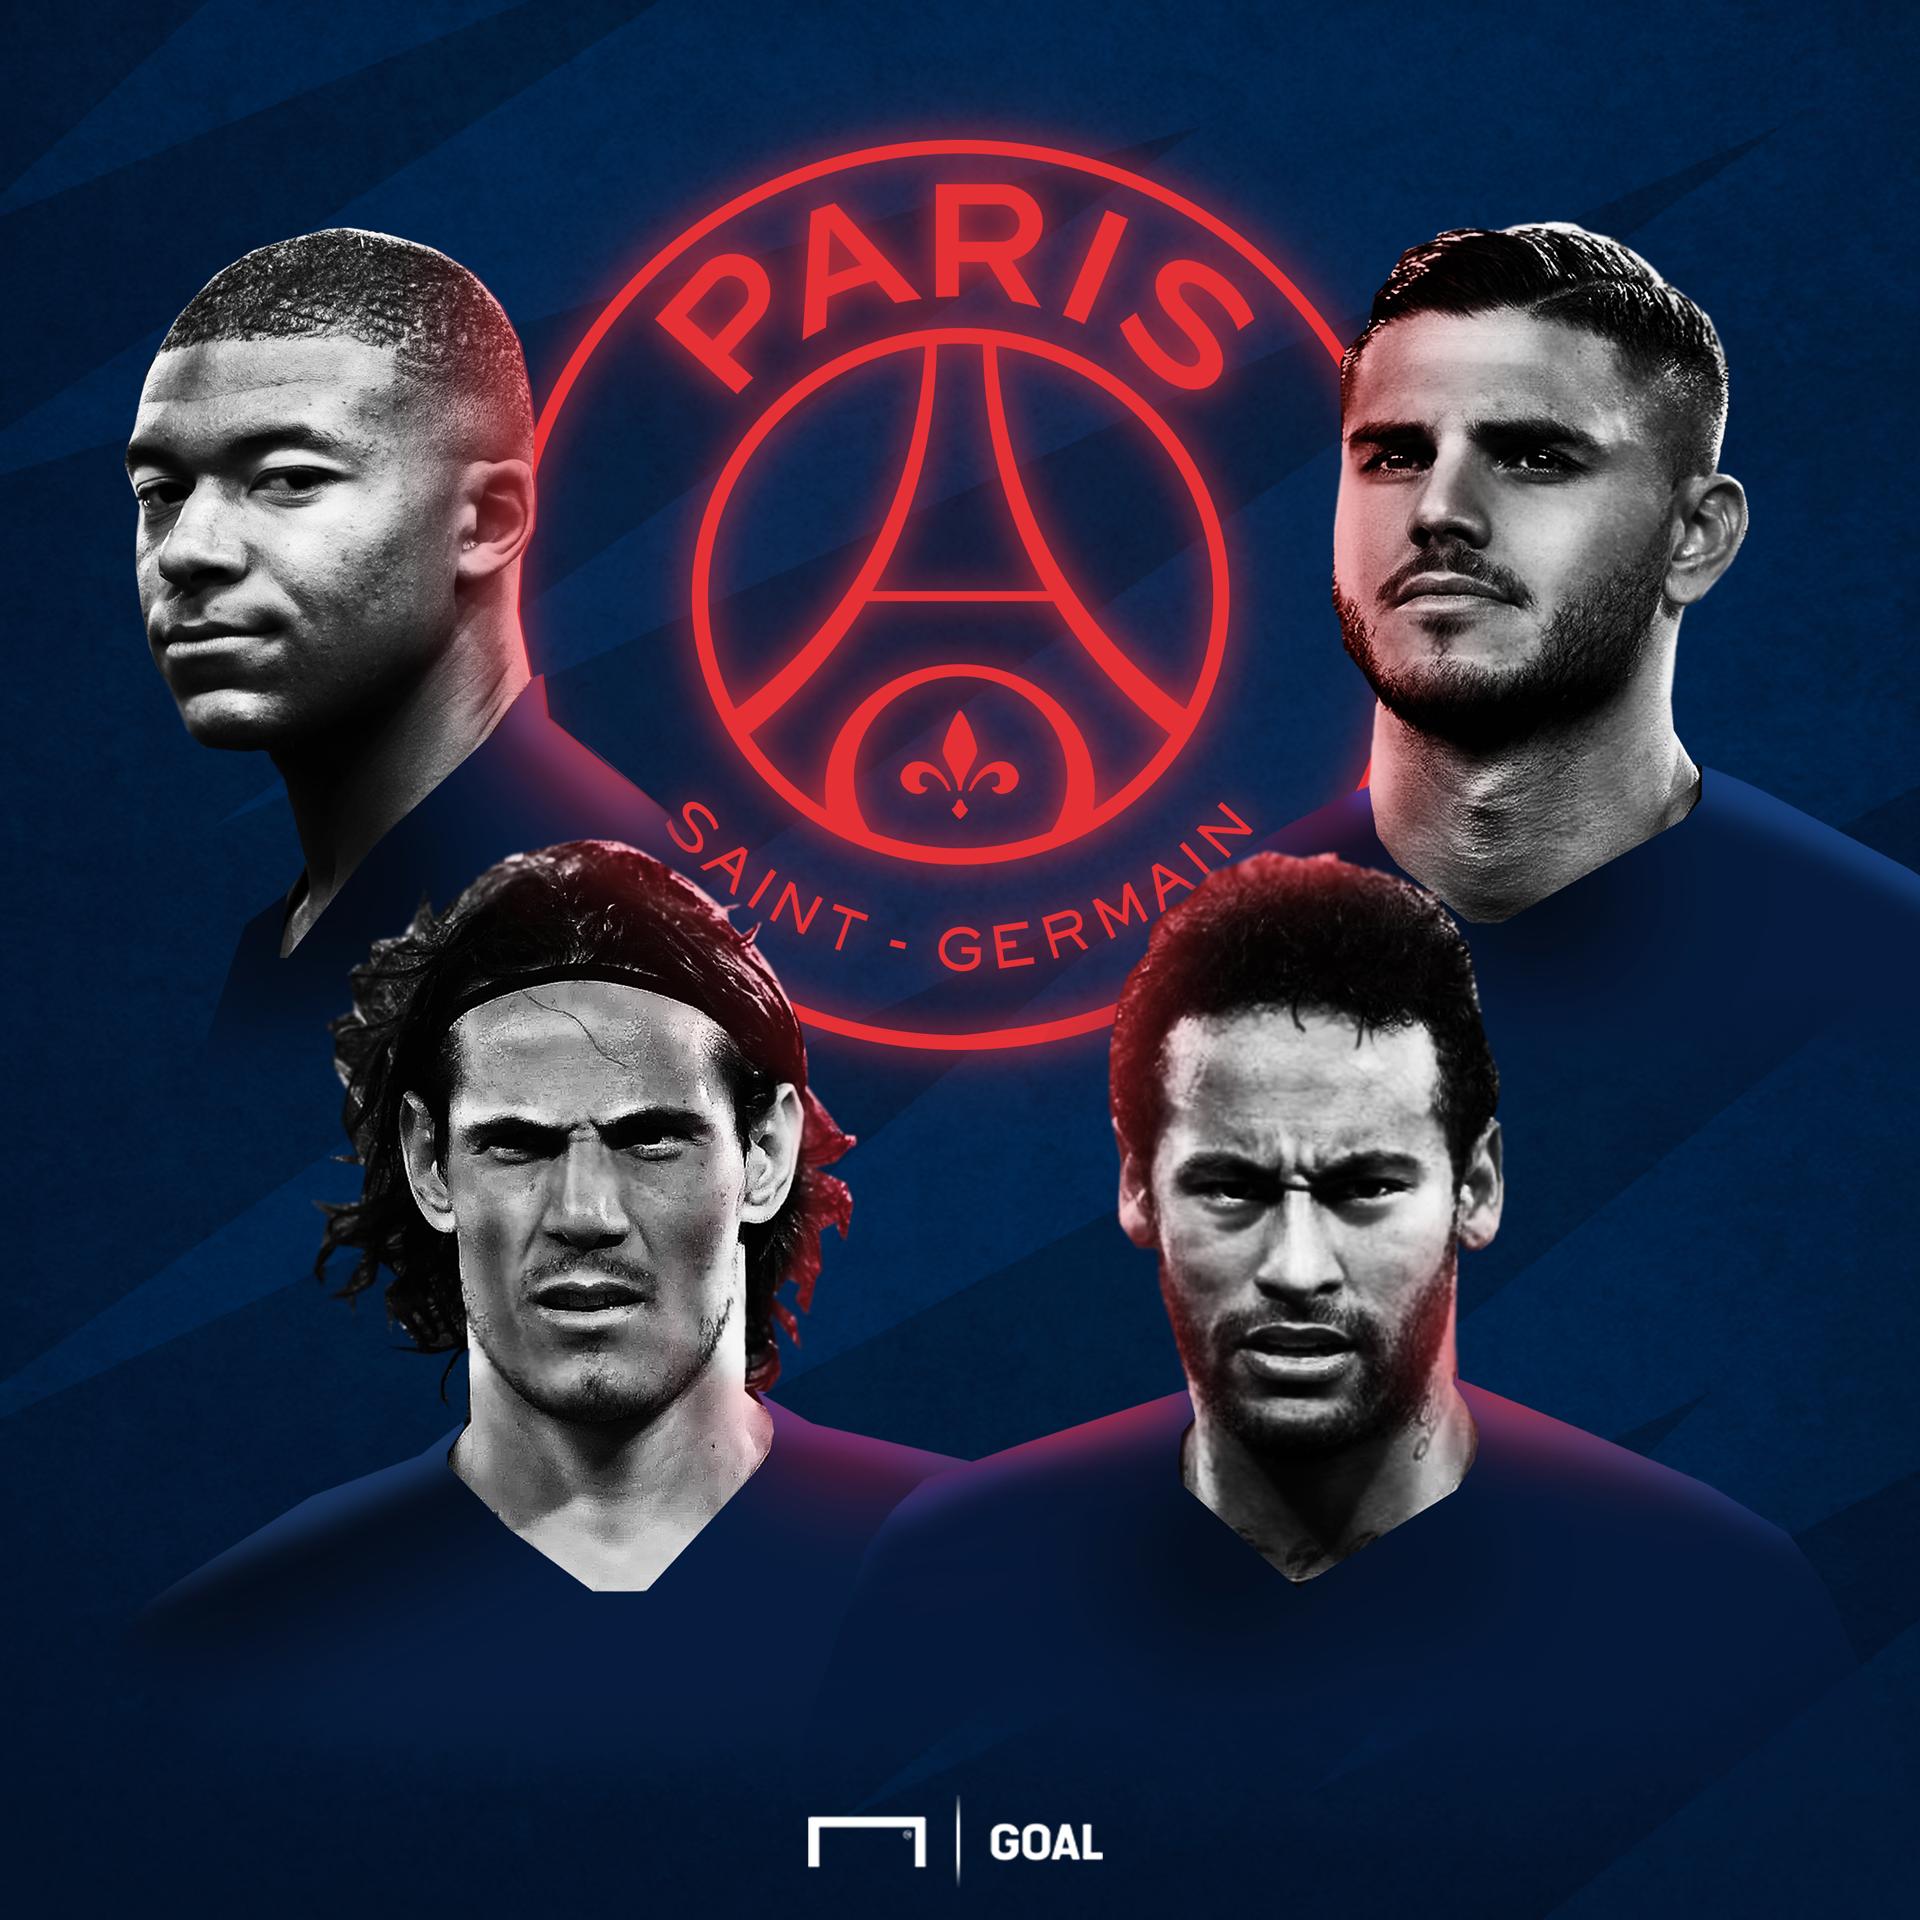 Malgré Neymar, Mbappé, Cavani et Icardi, le PSG ne possède pas la meilleure attaque d'Europe selon vous